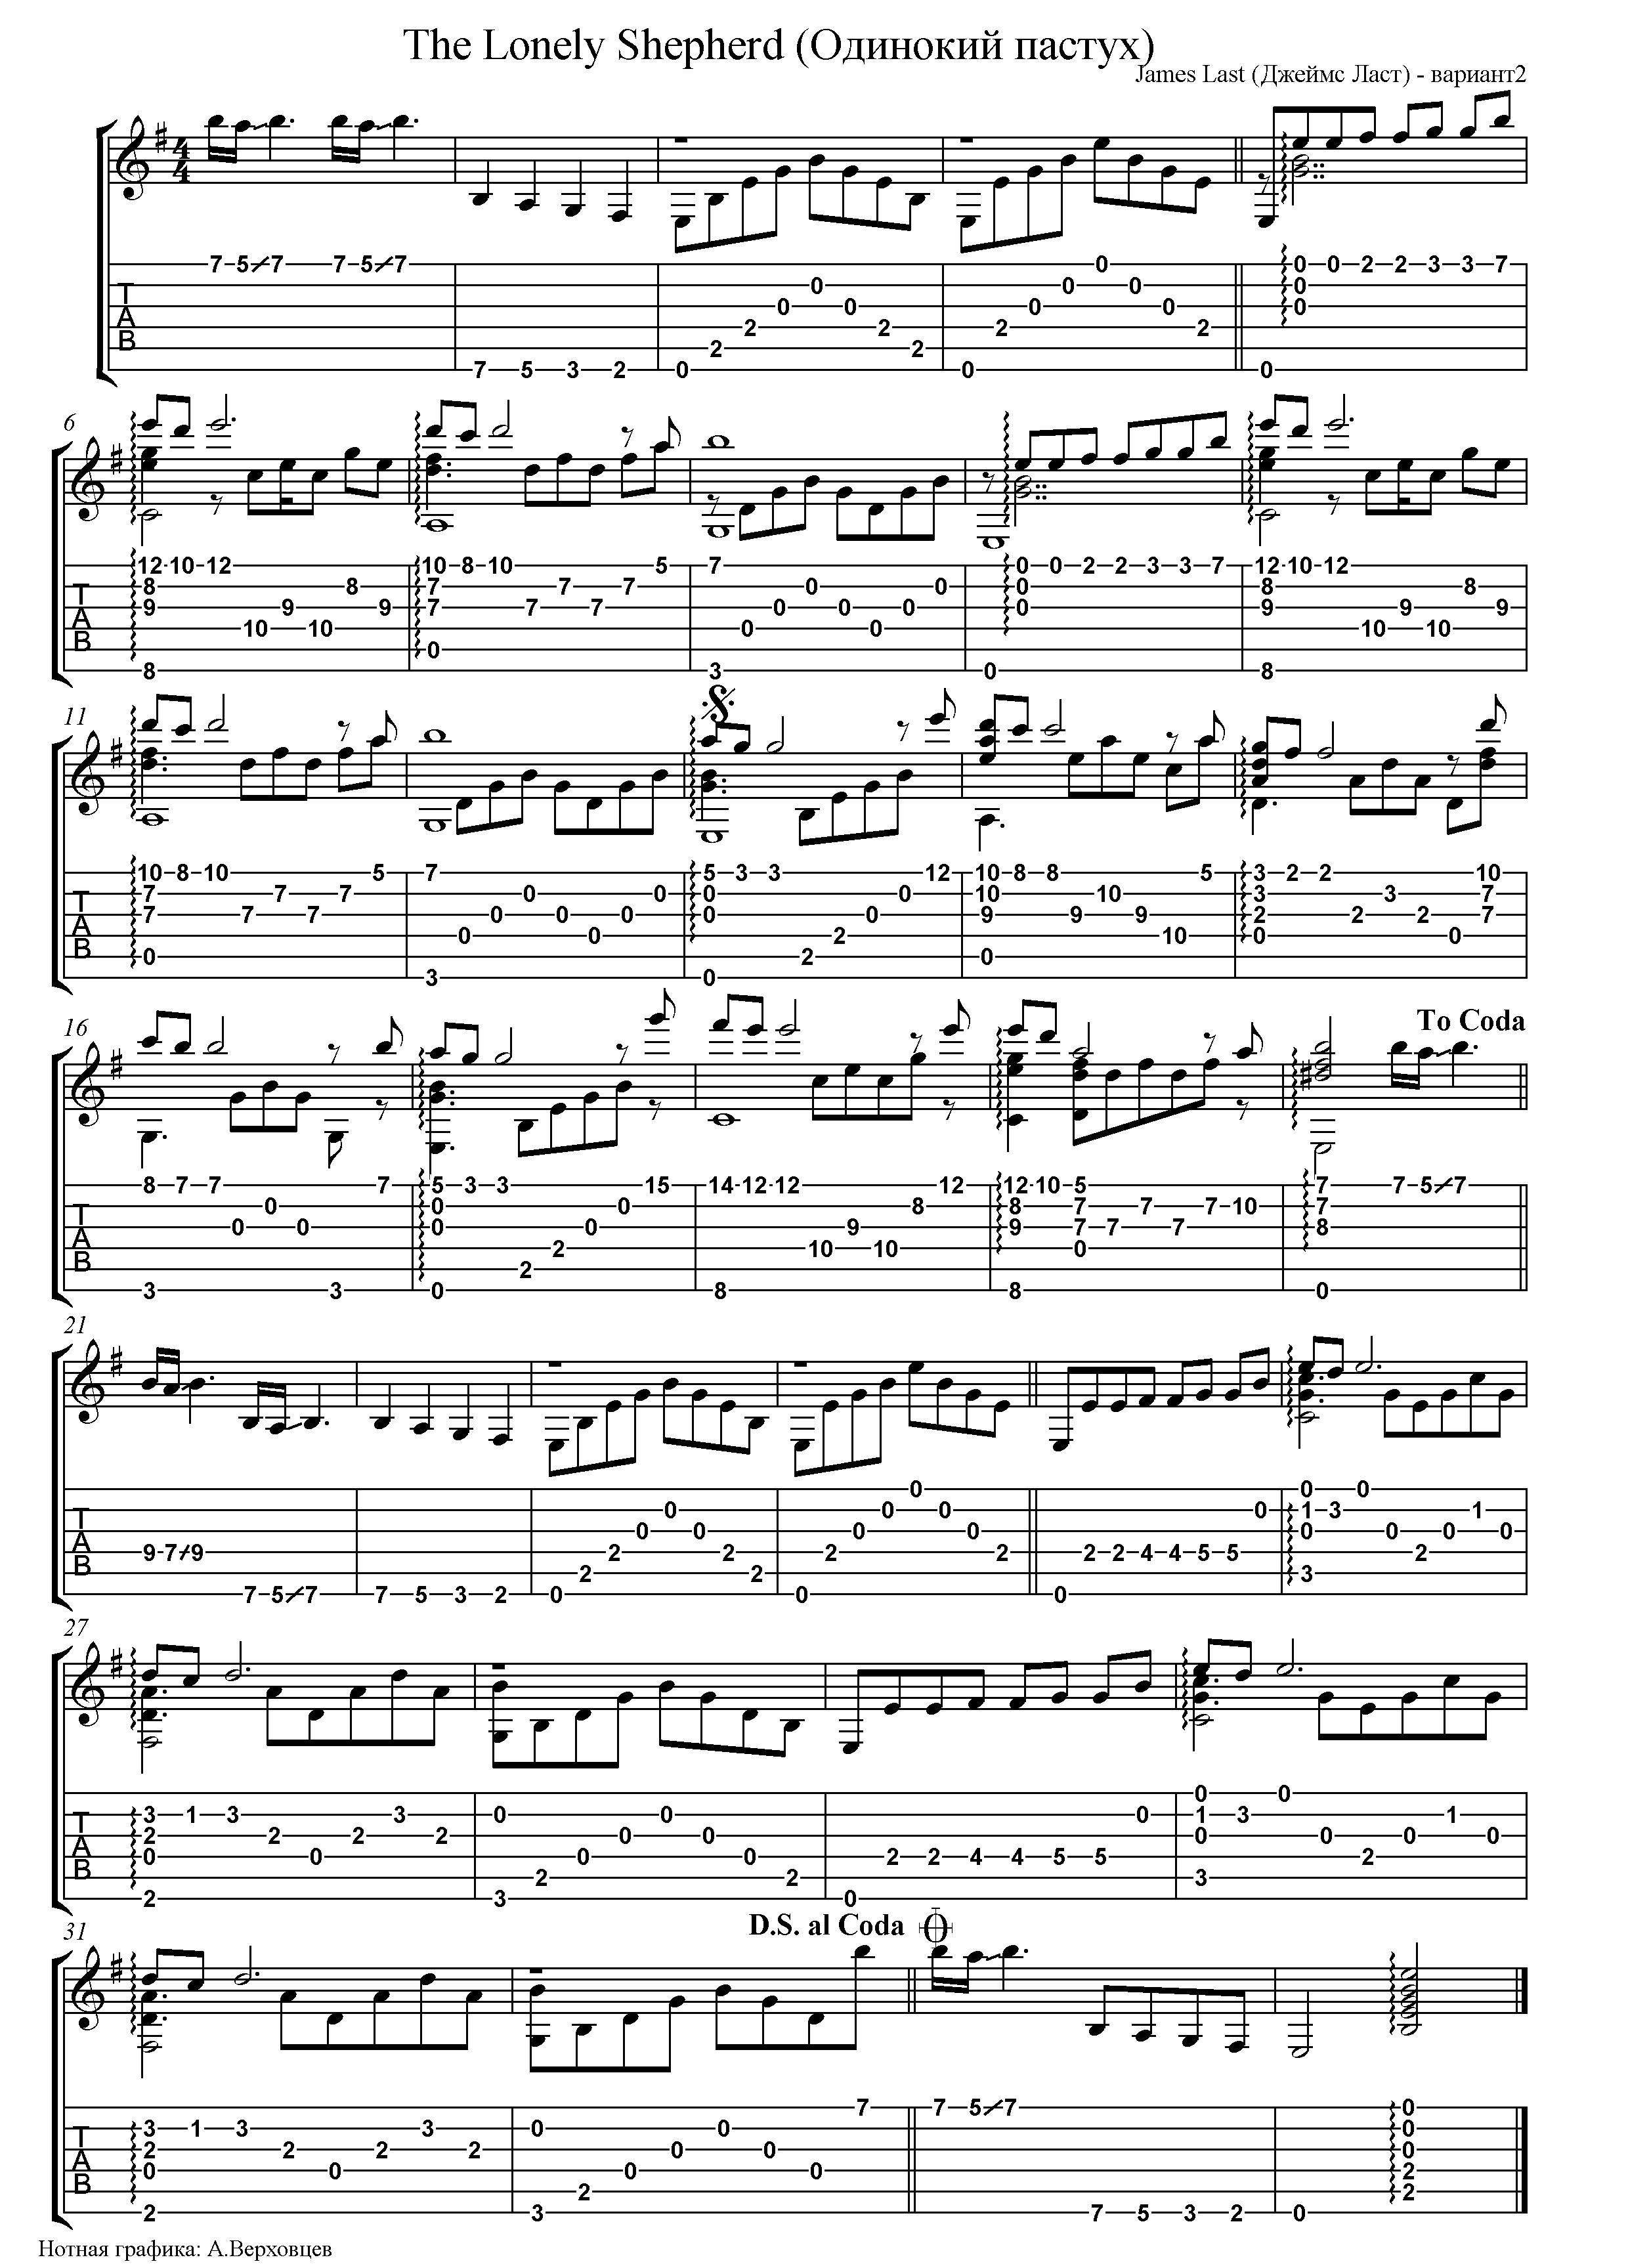 Джеймс Ласт Ноты - instrumentsnab Одинокий Пастух Ноты